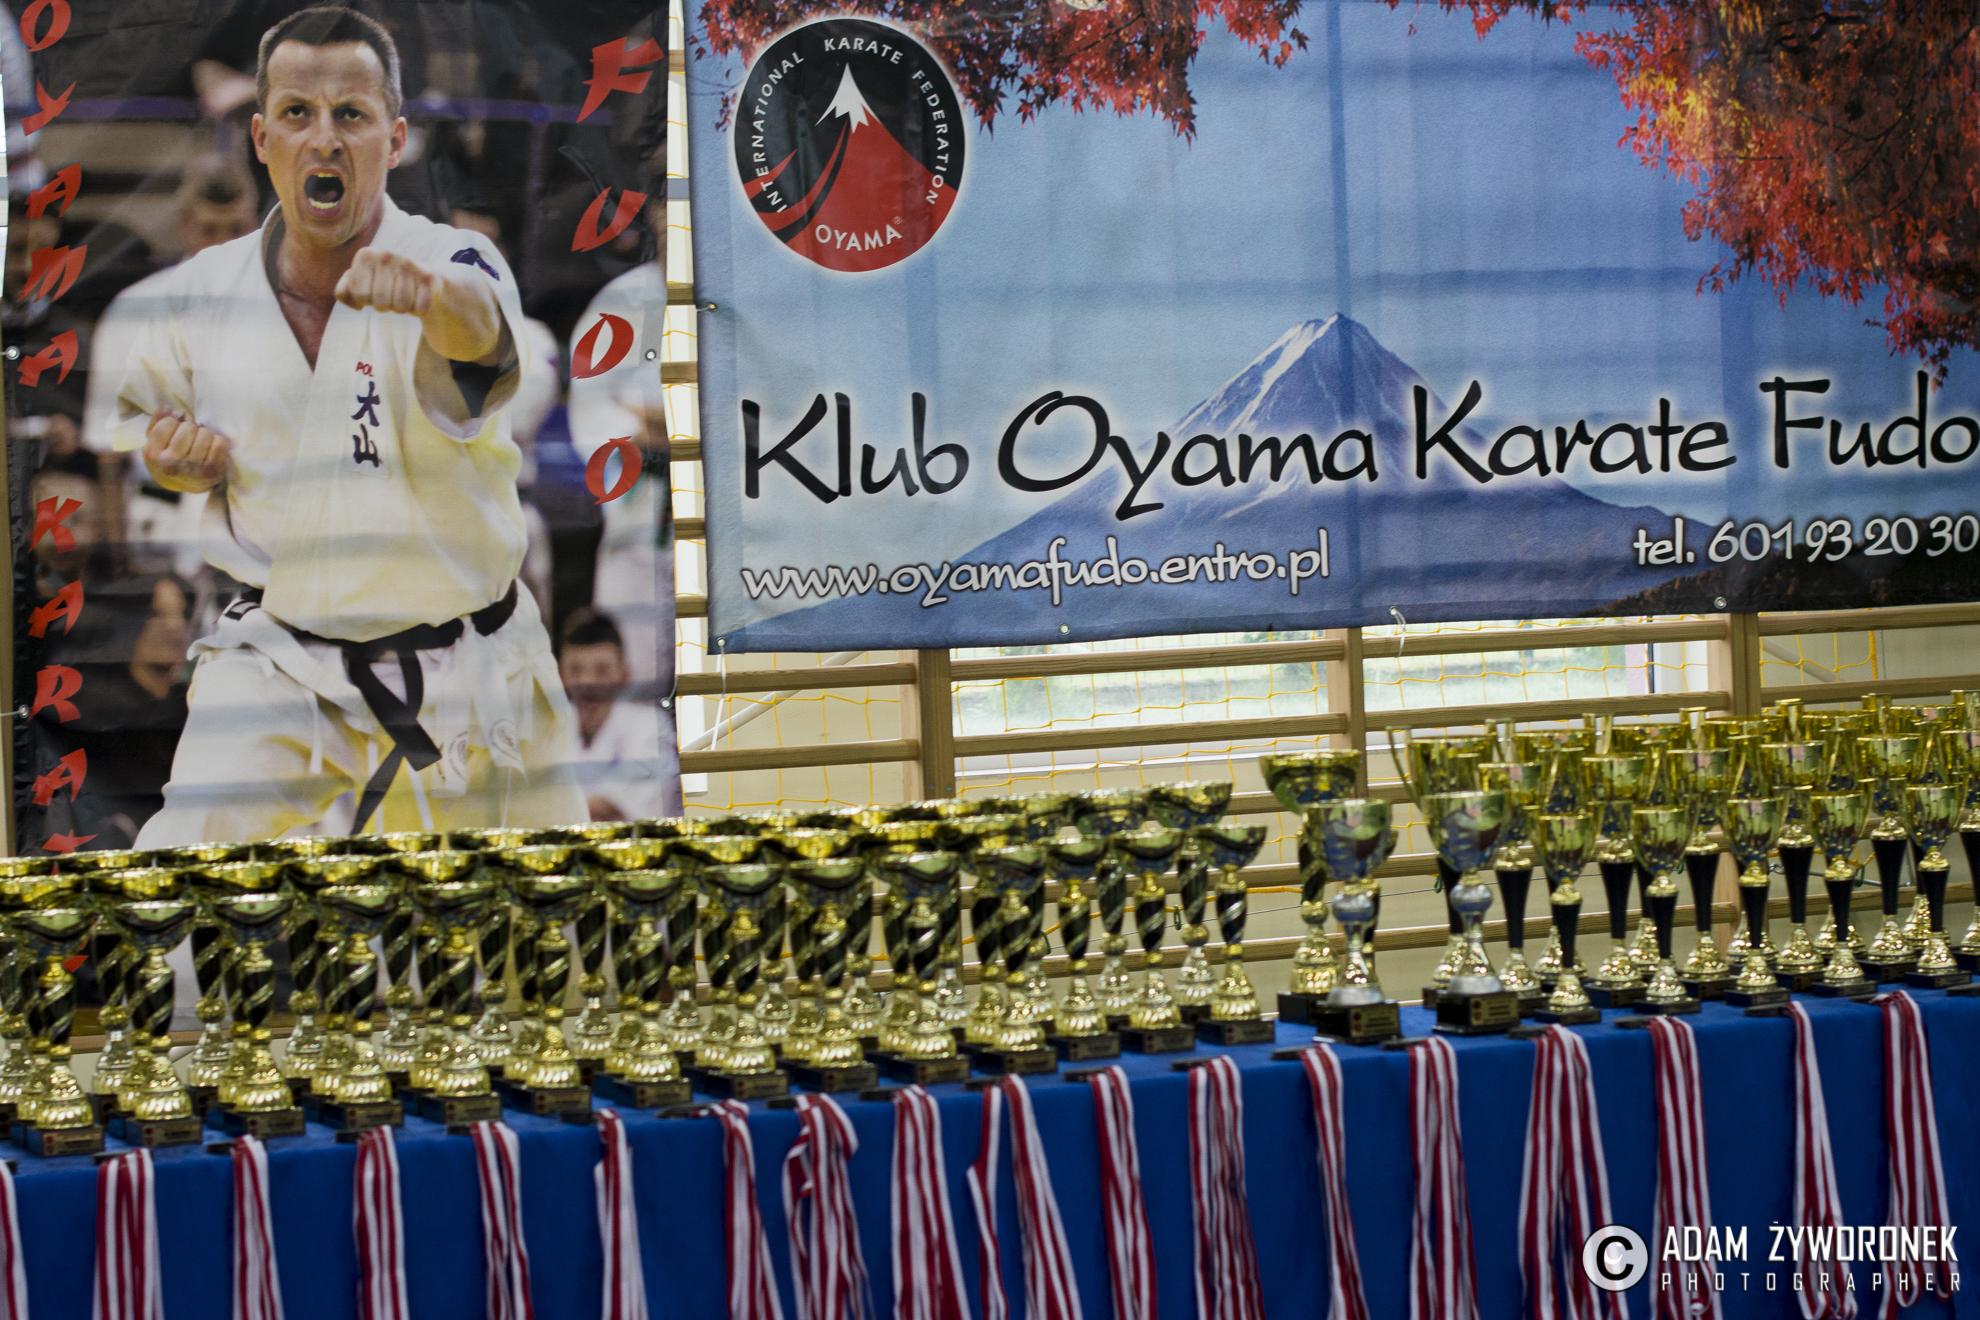 Otwarte Mistrzostwa Polski Zachodniej OYAMA PFK w Kumite i Kata cz-3